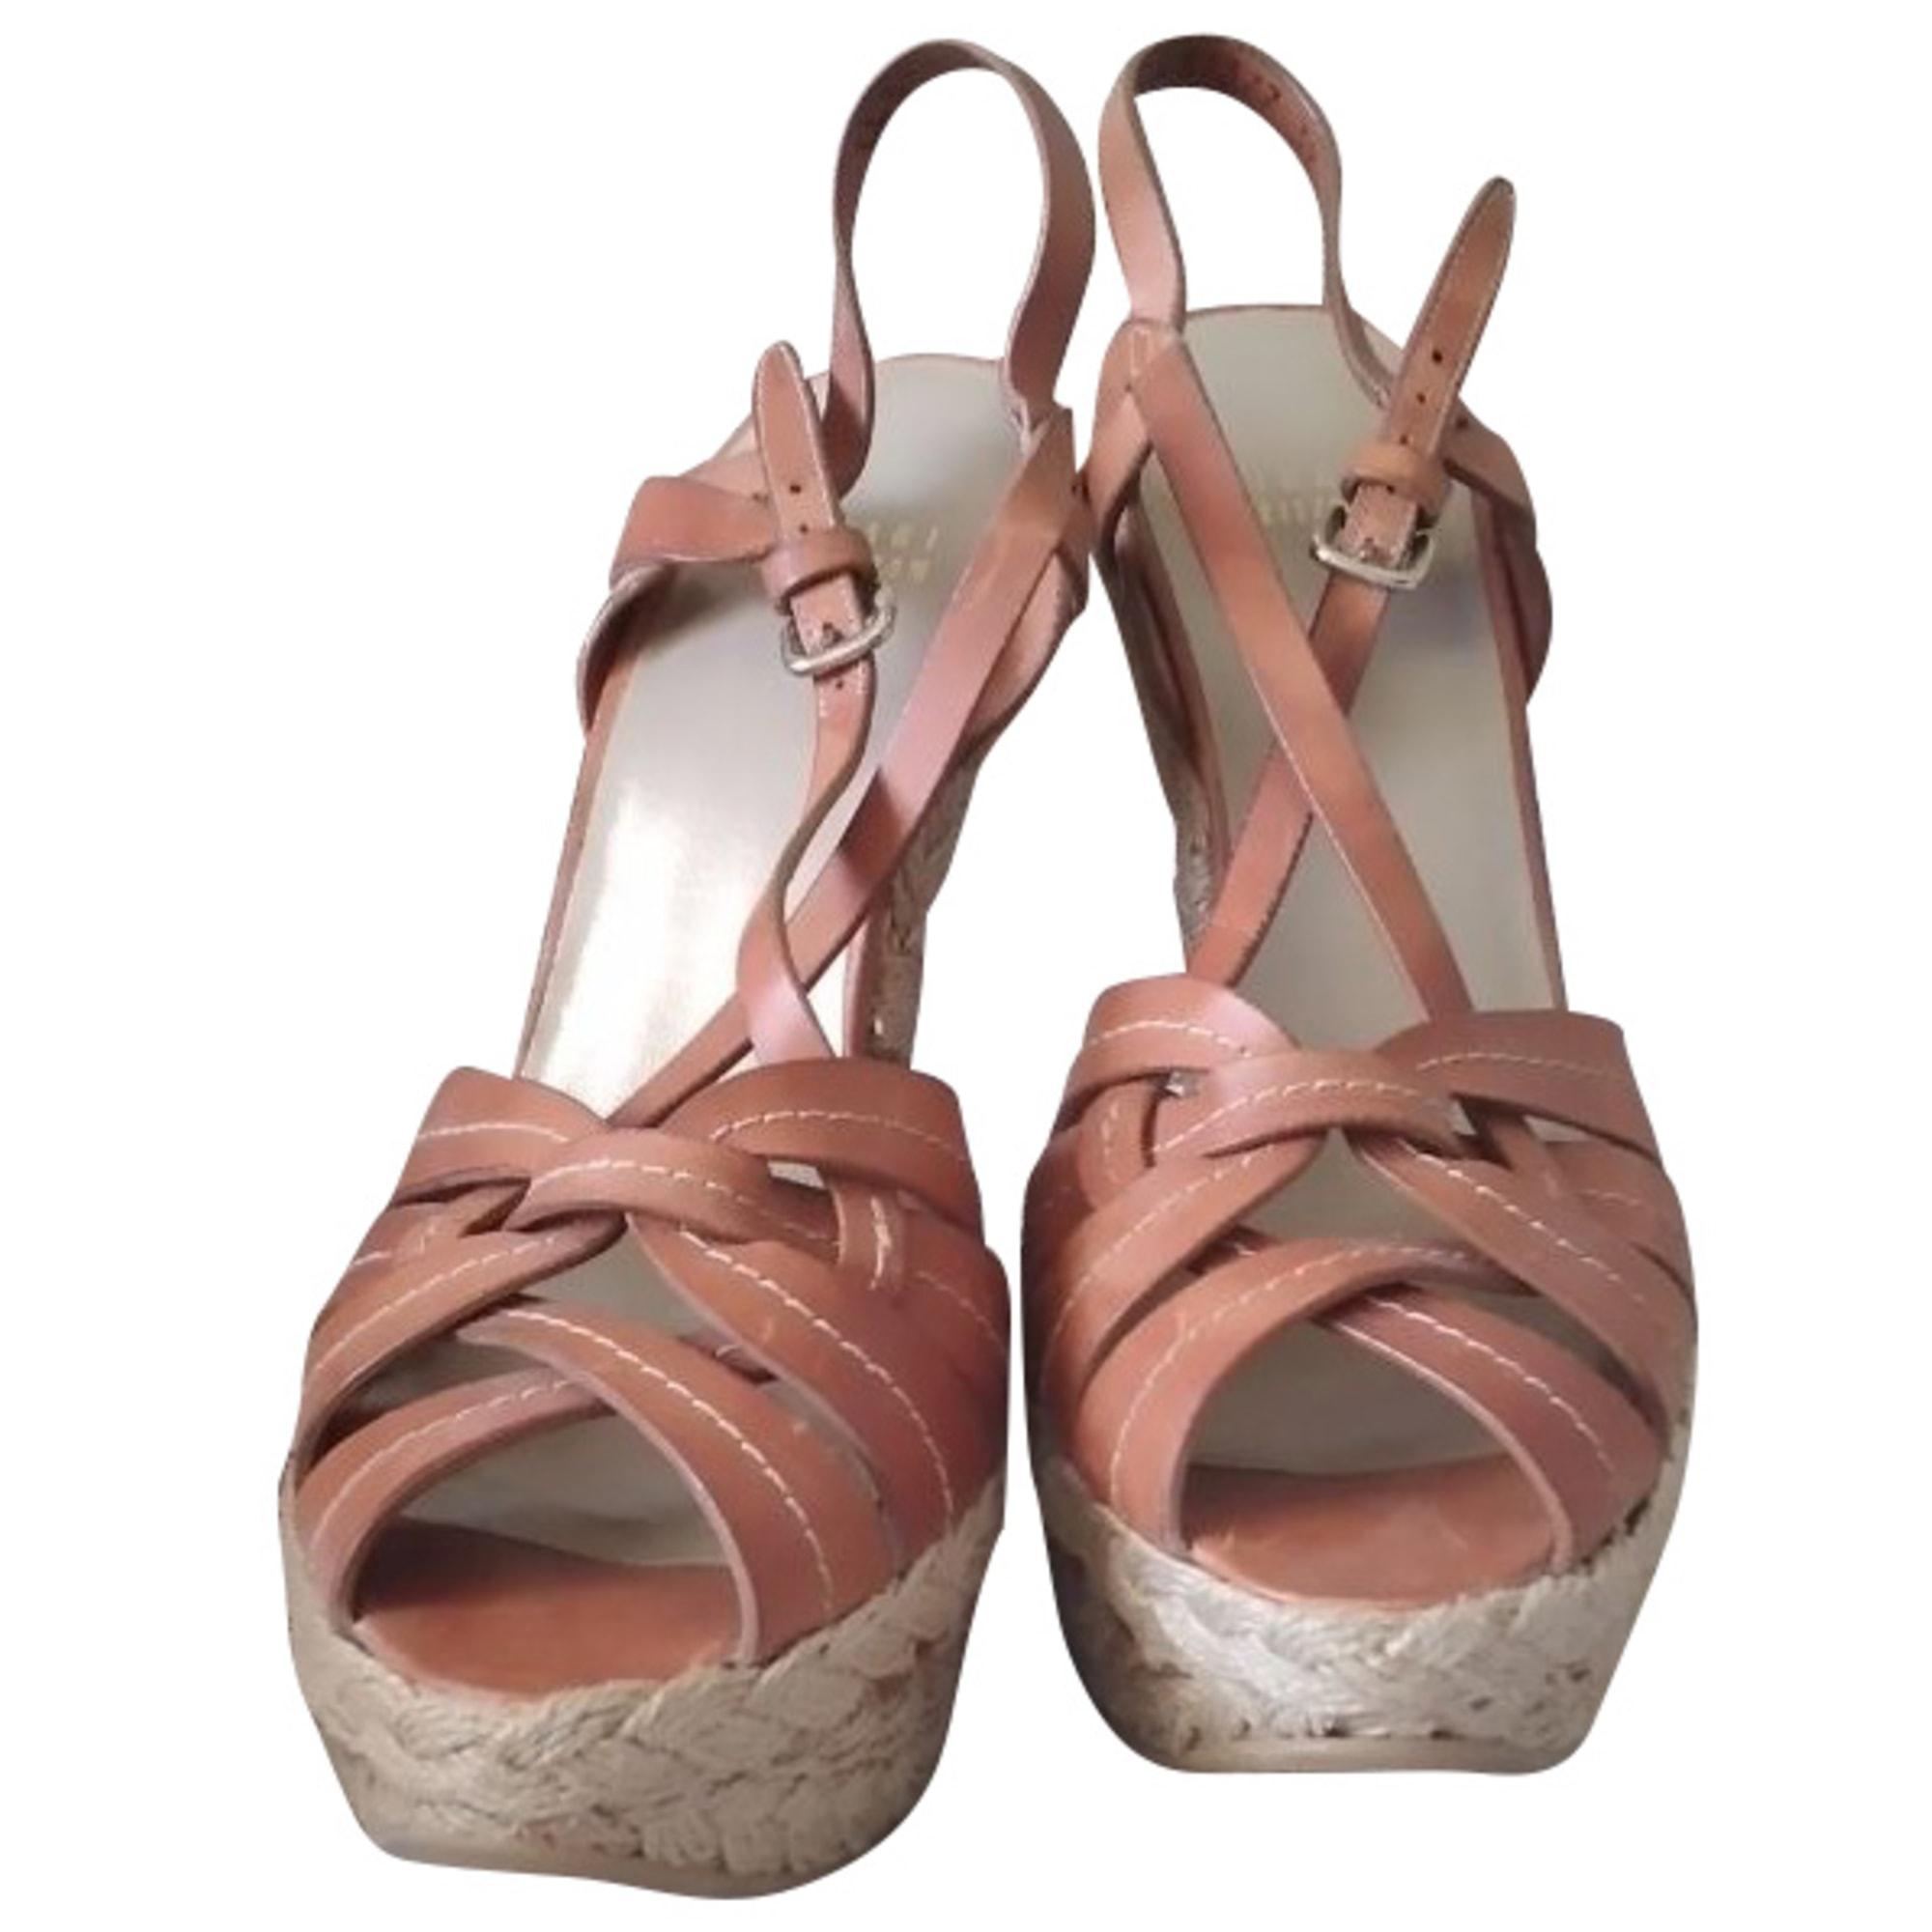 Sandales compensées STUART WEITZMAN Beige, camel